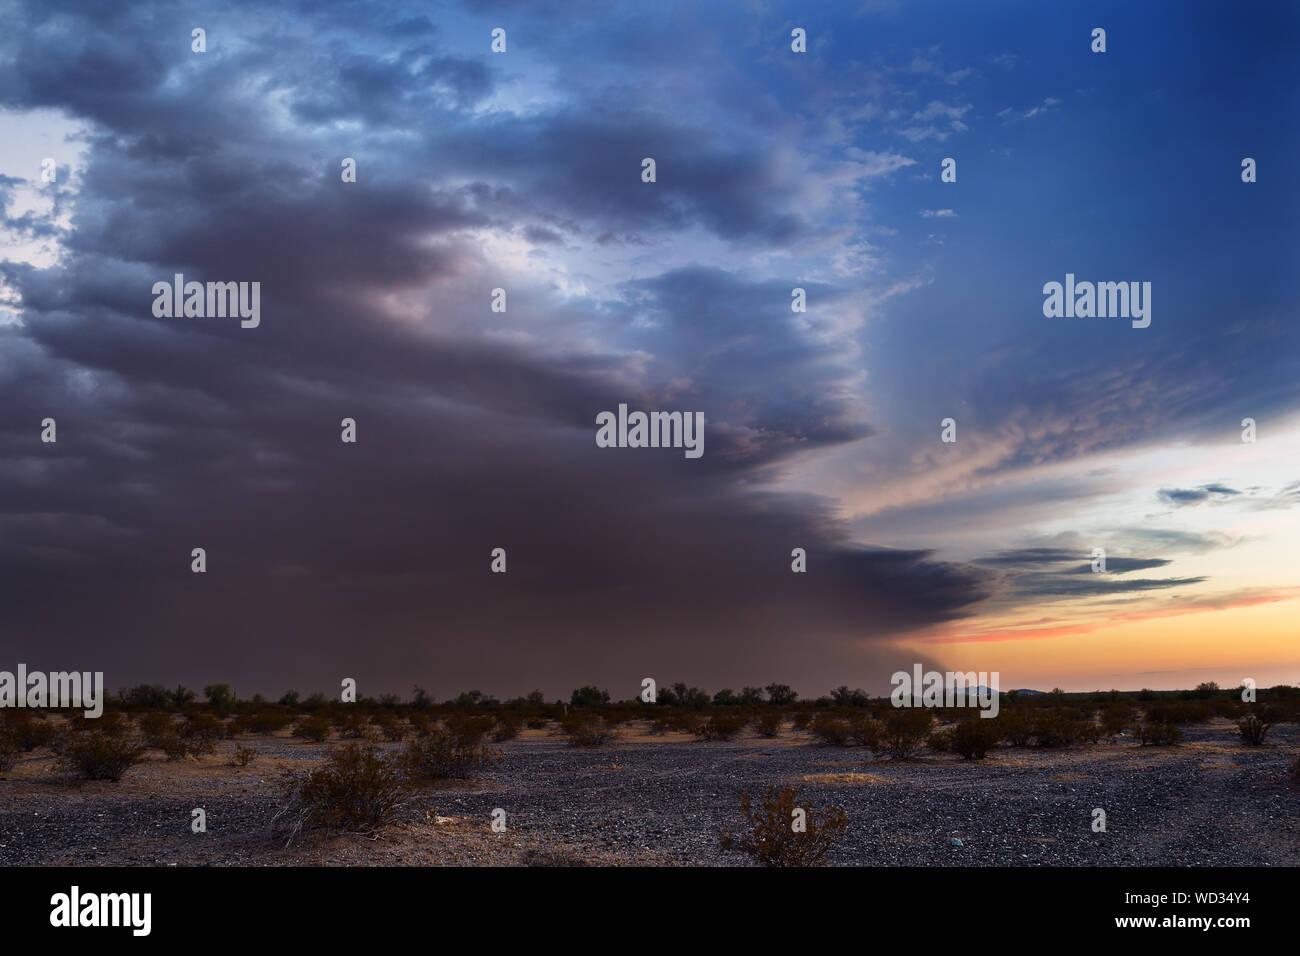 Malerischer Blick auf Sonoran Wüste gegen bewölkter Himmel bei Sonnenuntergang Stockfoto